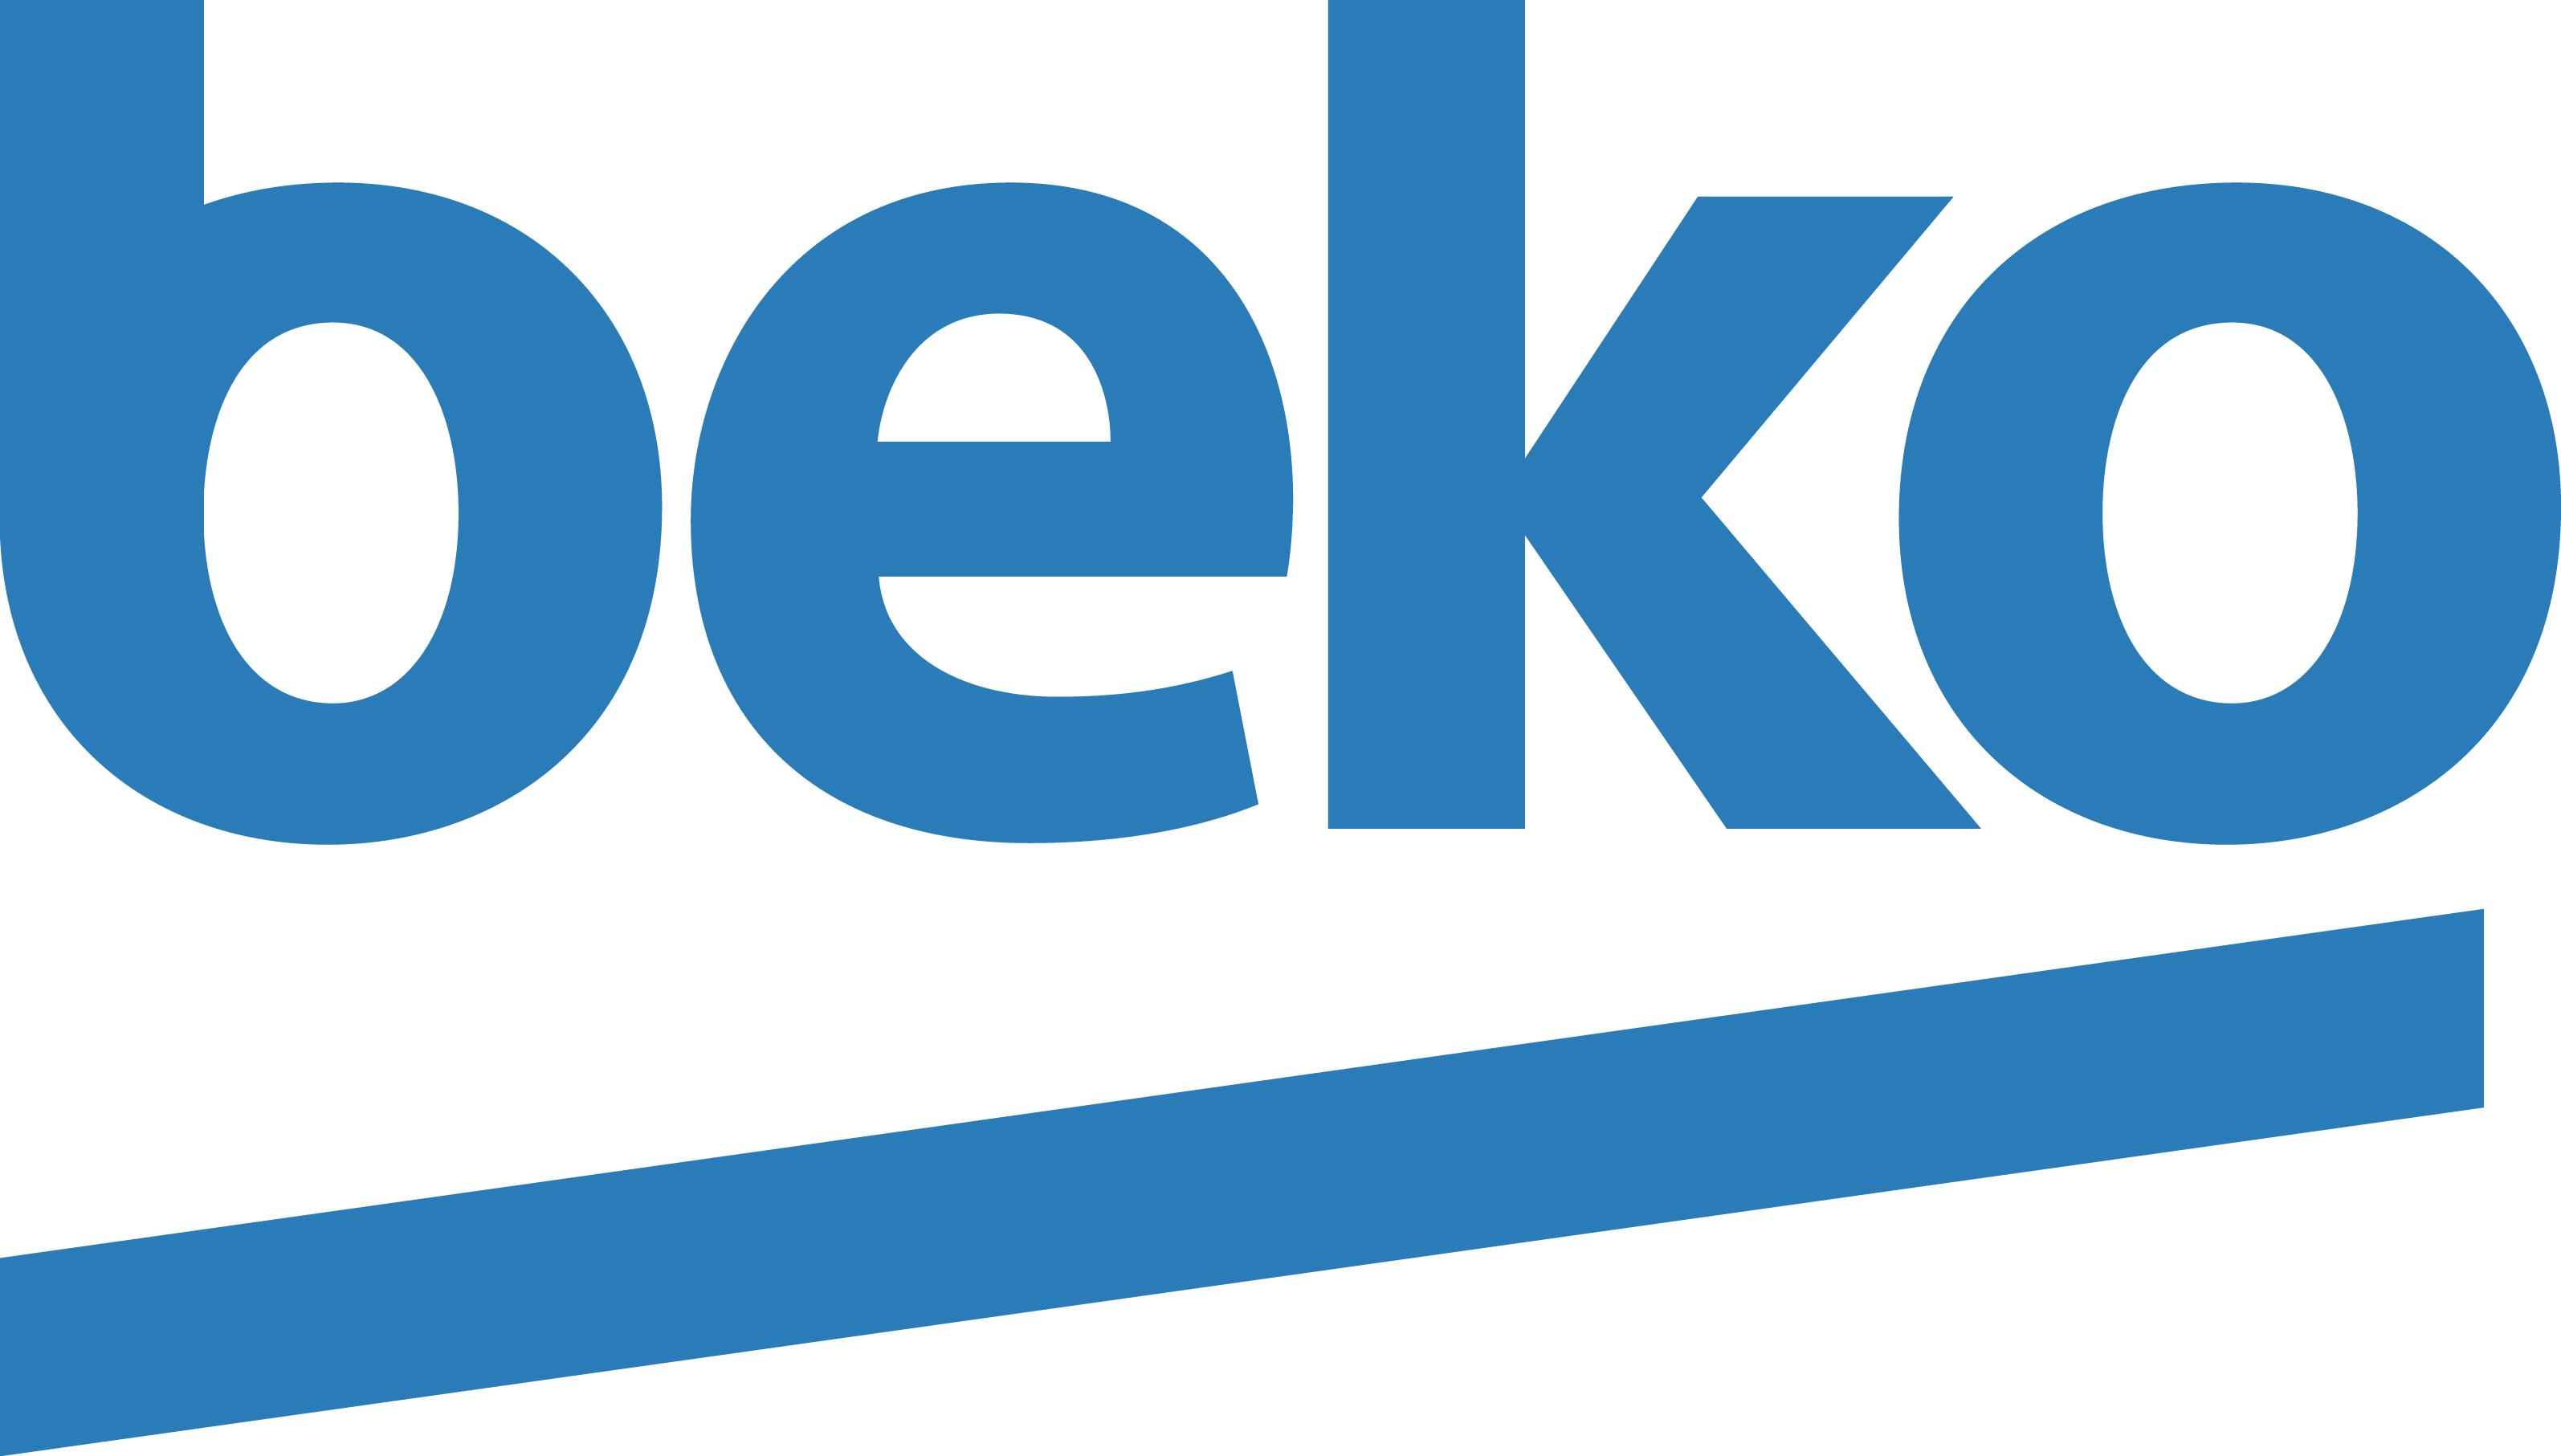 BEKO'nun Reklam Ajansı Konkuru Sonuçlandı